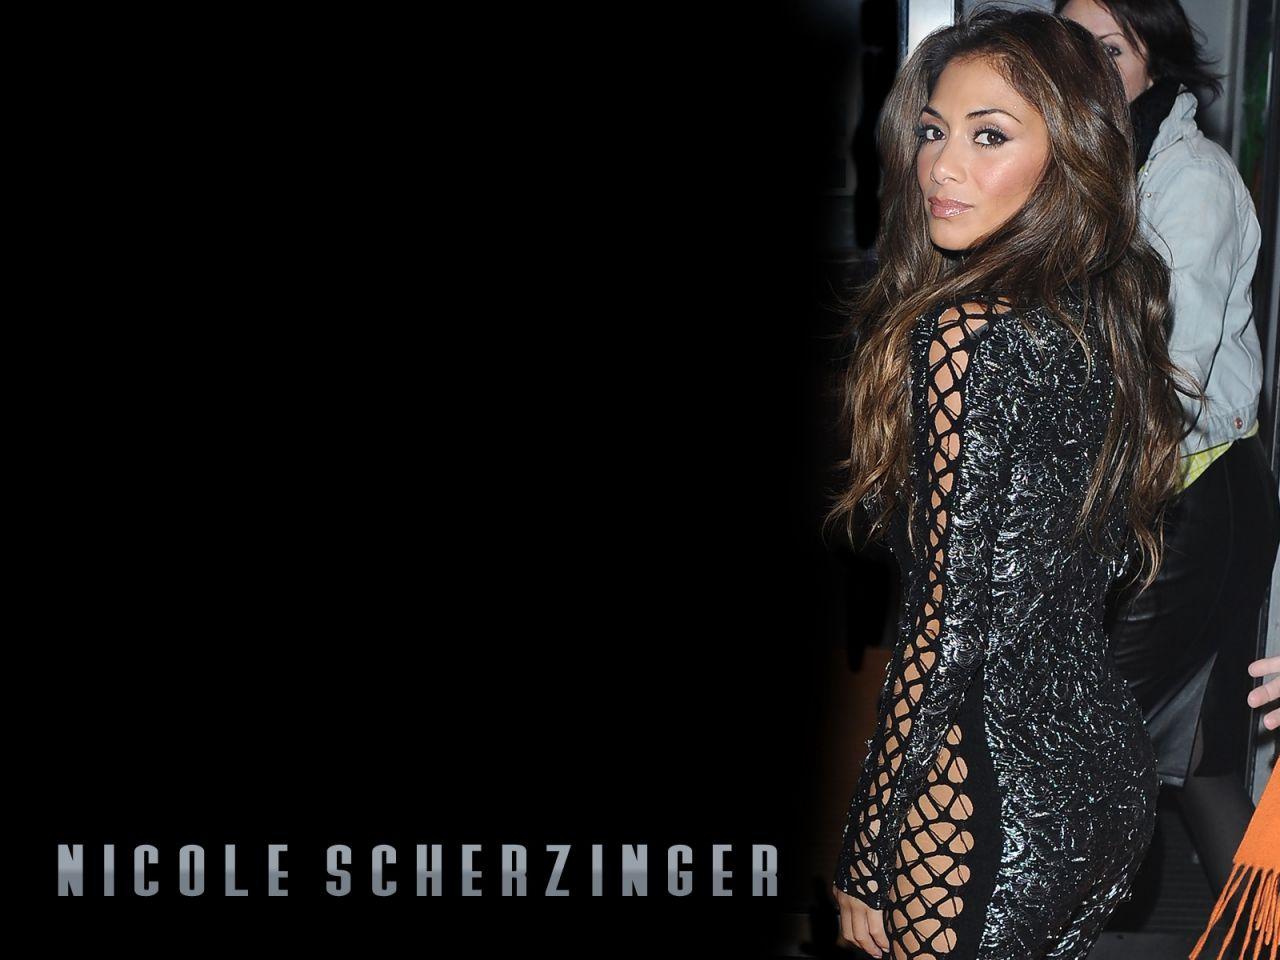 Nicole Scherzinger Wallpapers 15-7634